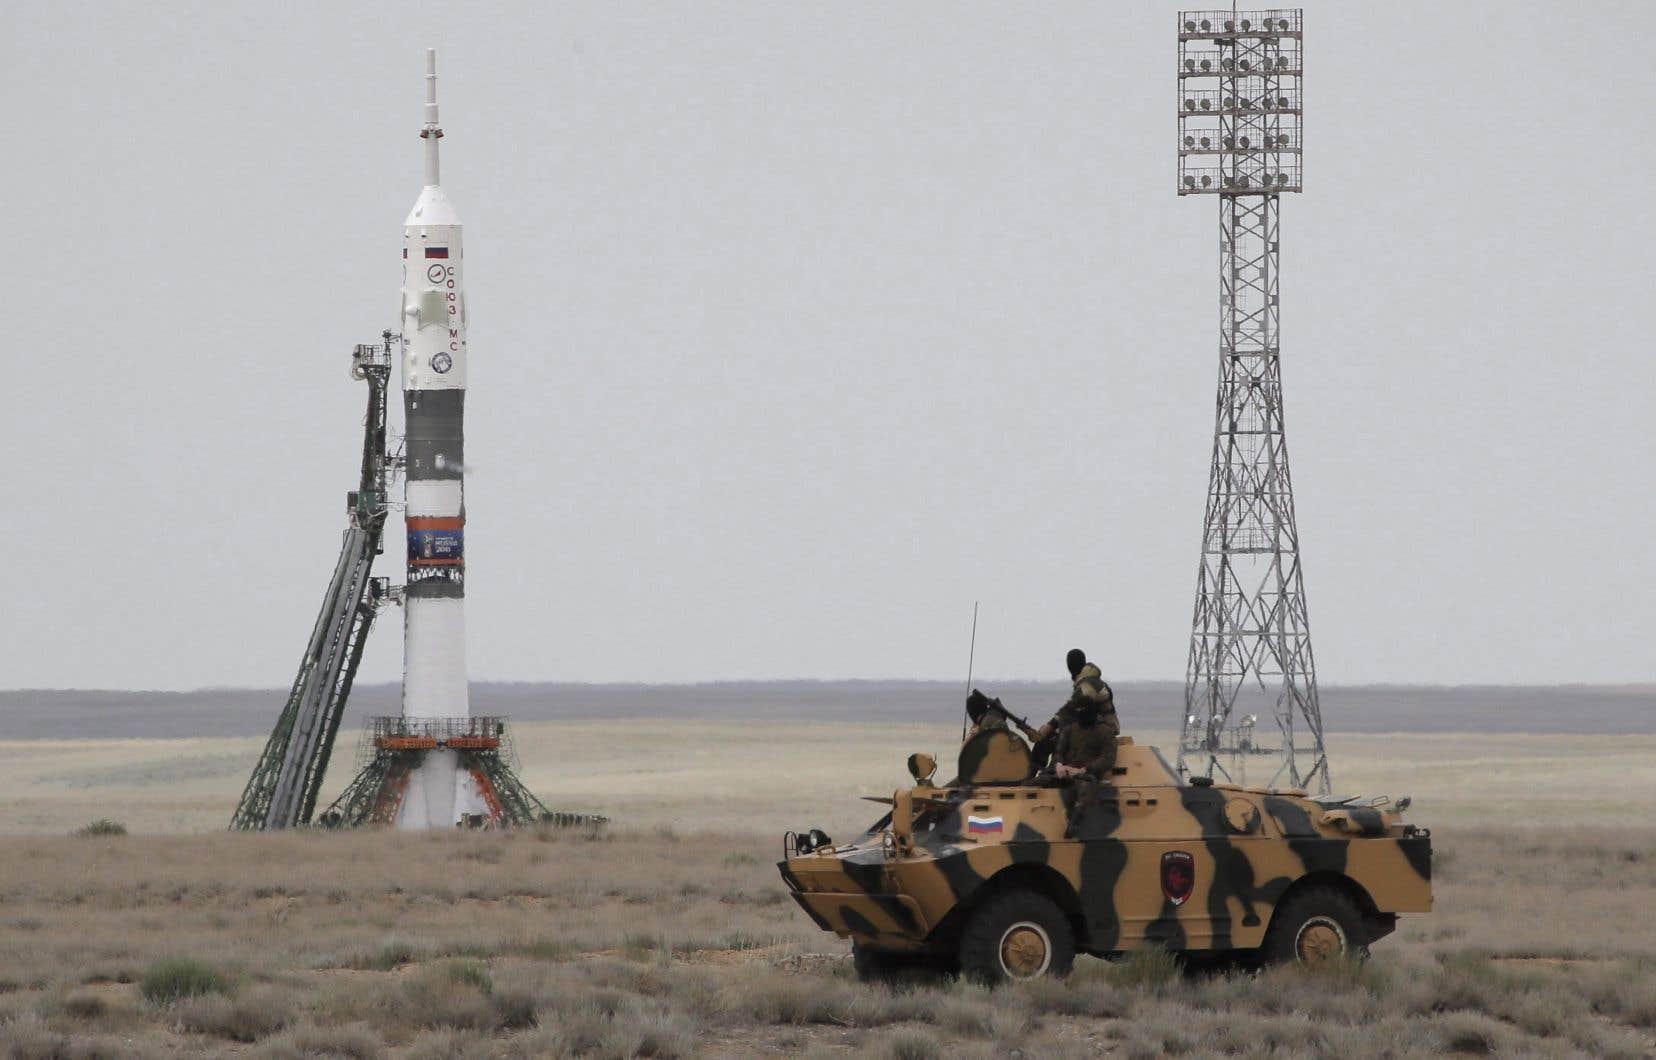 Depuis 2011,pour monter à la Station spatiale internationale, les astronautes doivent embarquer dans une capsule Soyouz.